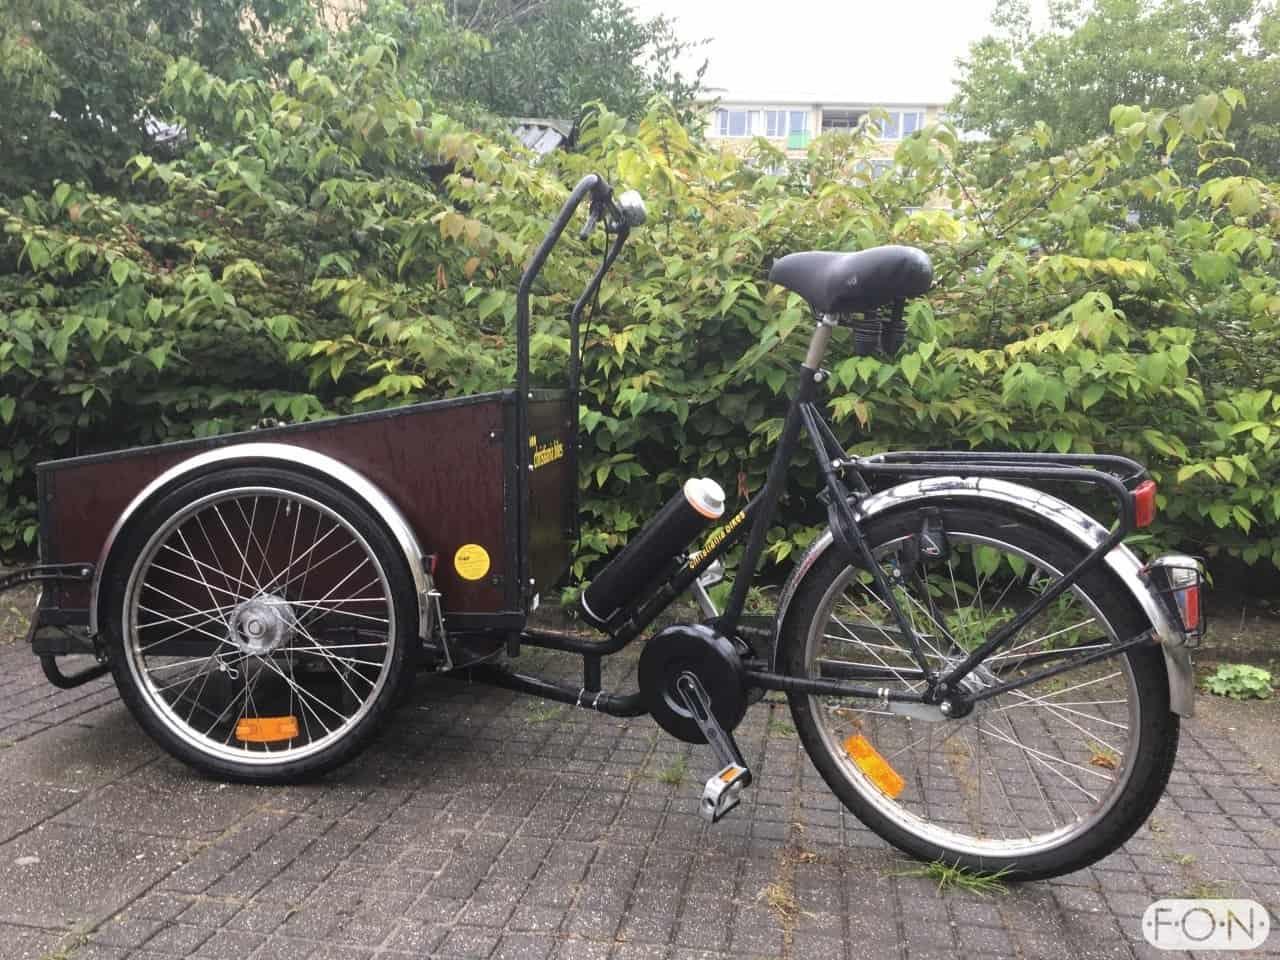 Christiania Rolstoelbakfiets Pendix eDrive Middenmotor FONebike Arnhem 0106